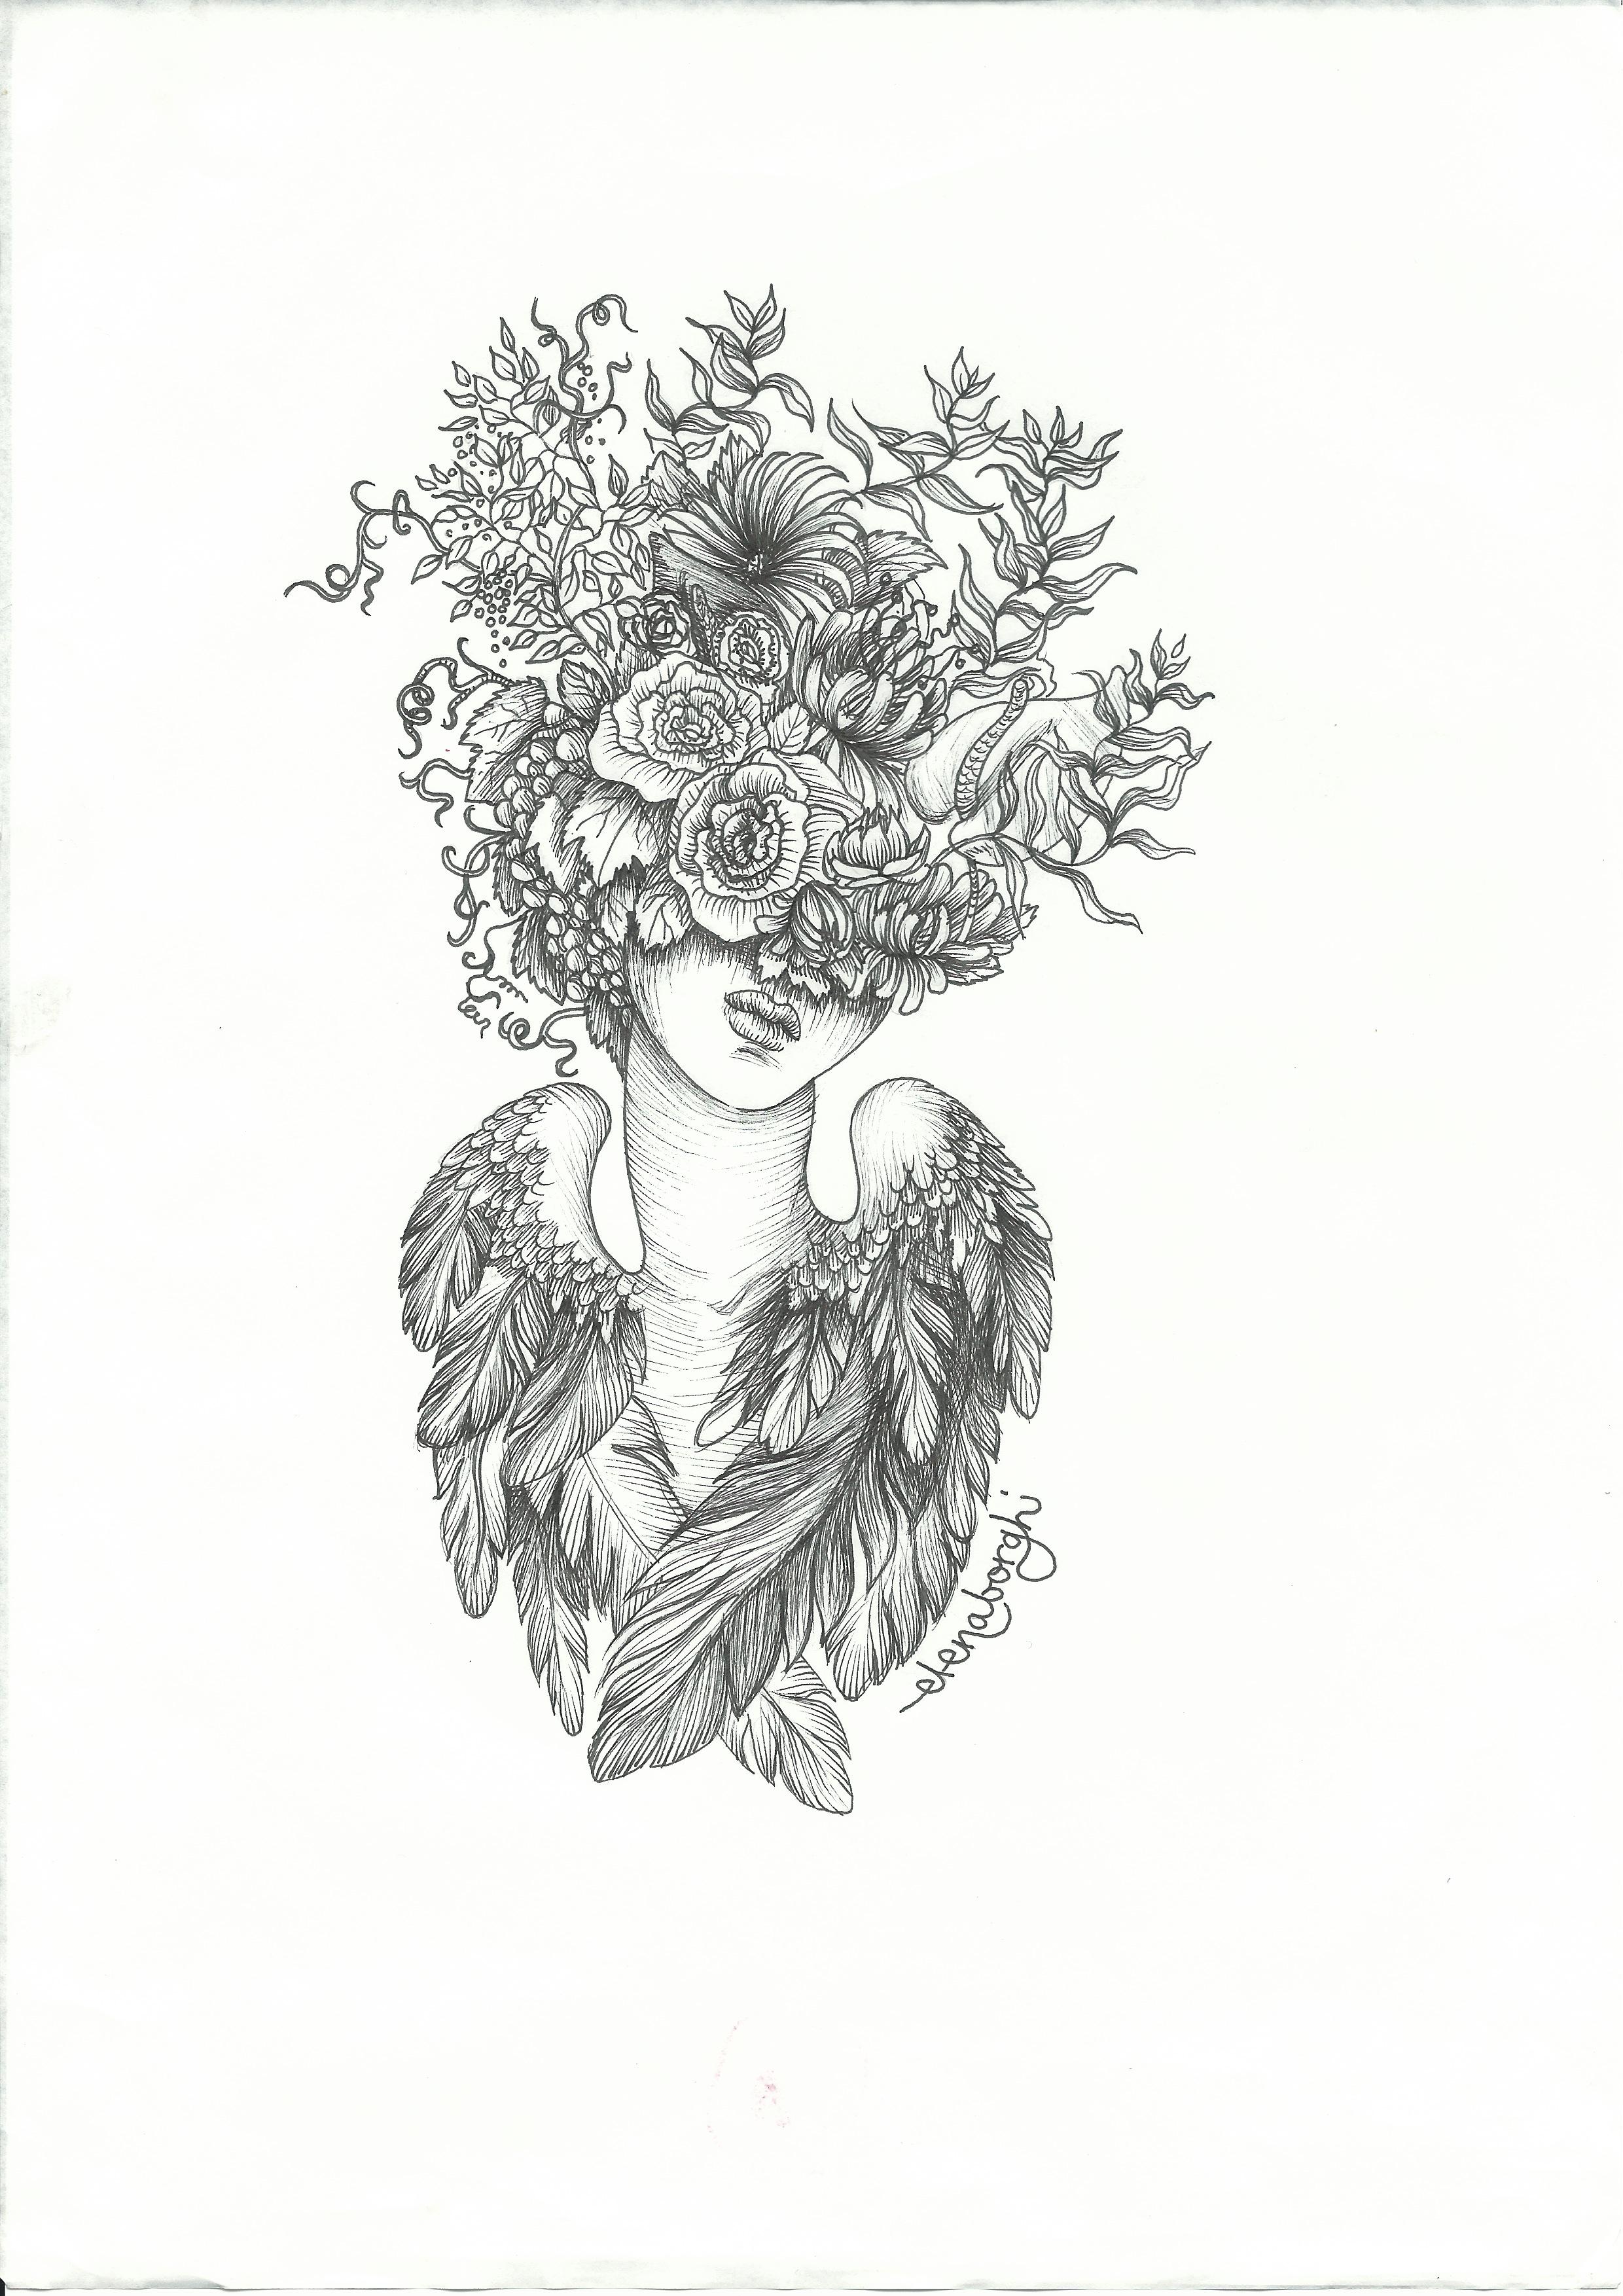 sentīo-wine-prosecco-sketch-illustration-elena-borghi